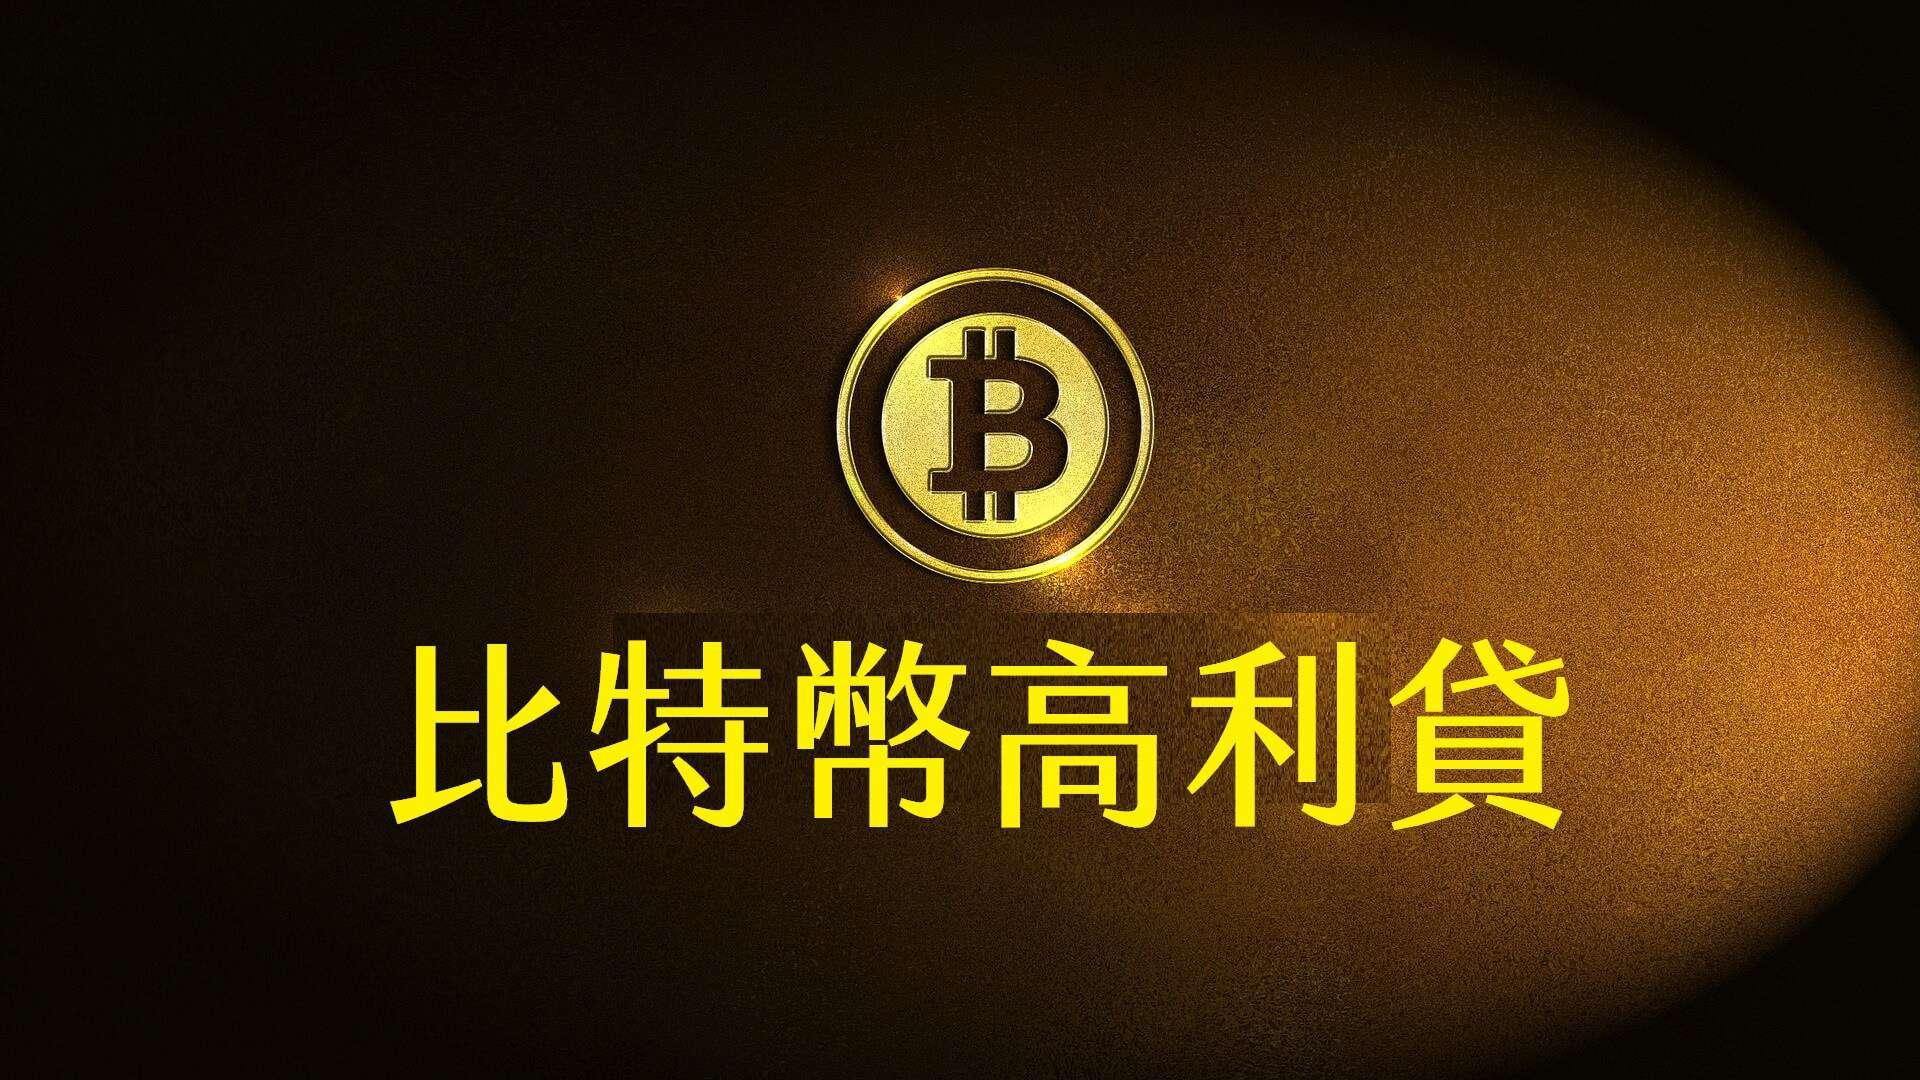 臺灣比特幣推薦